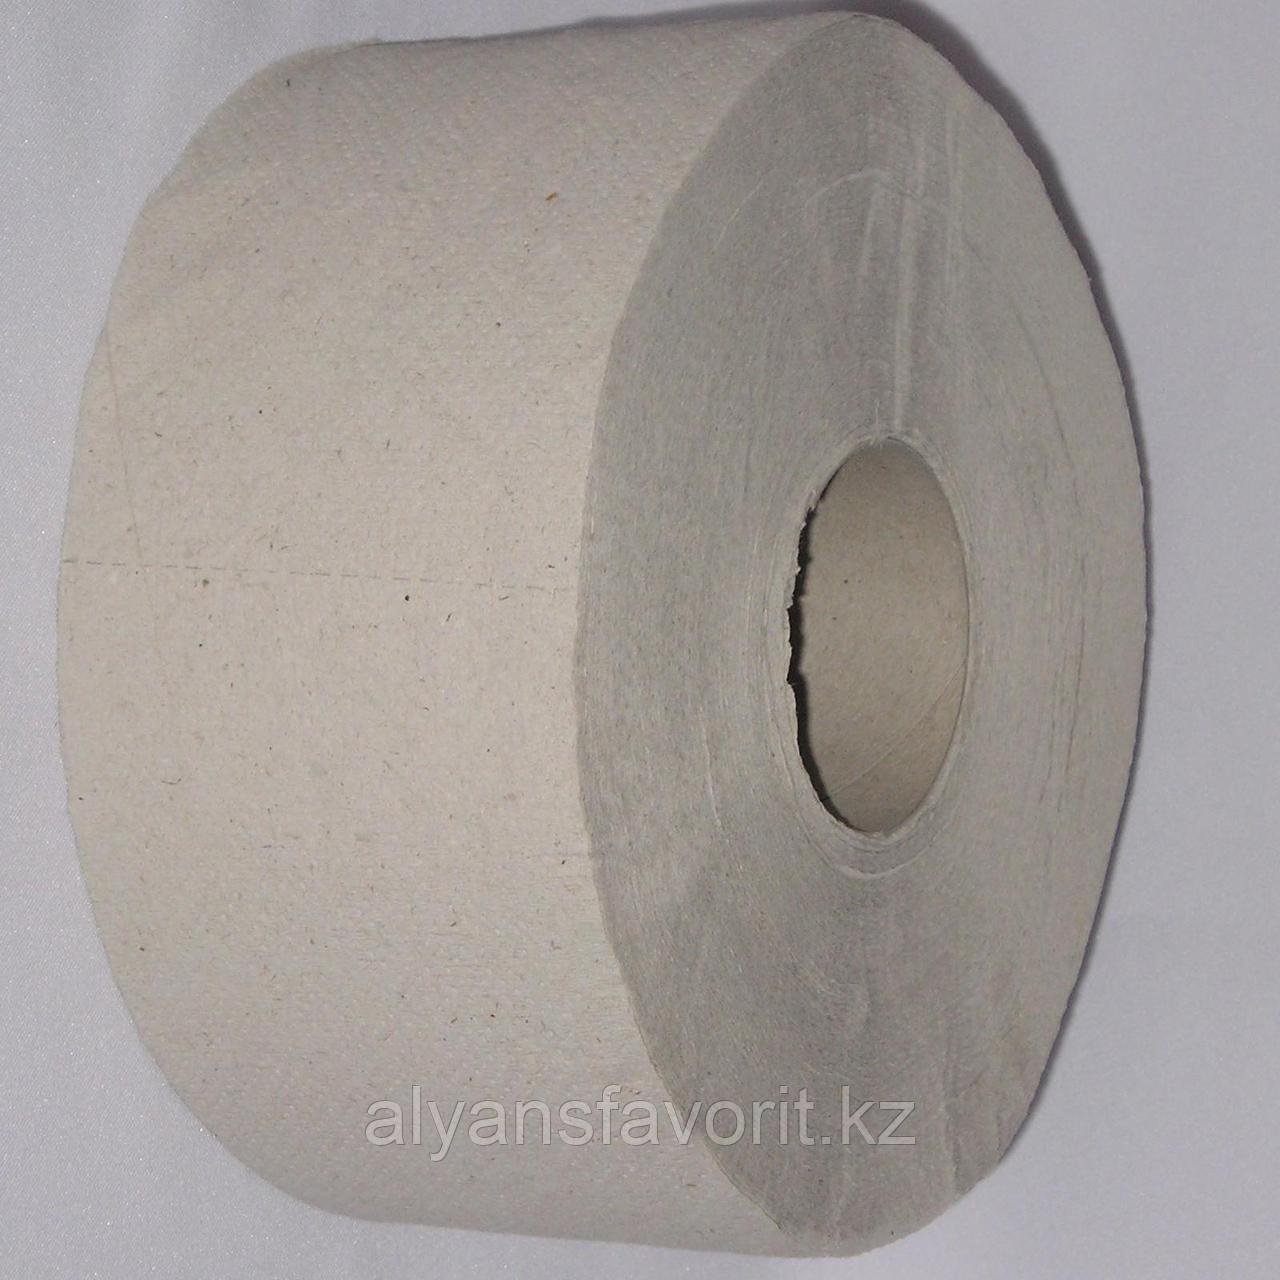 Туалетная бумага Jumbo (Джамбо) 150 м. однослойная (Казахстан)